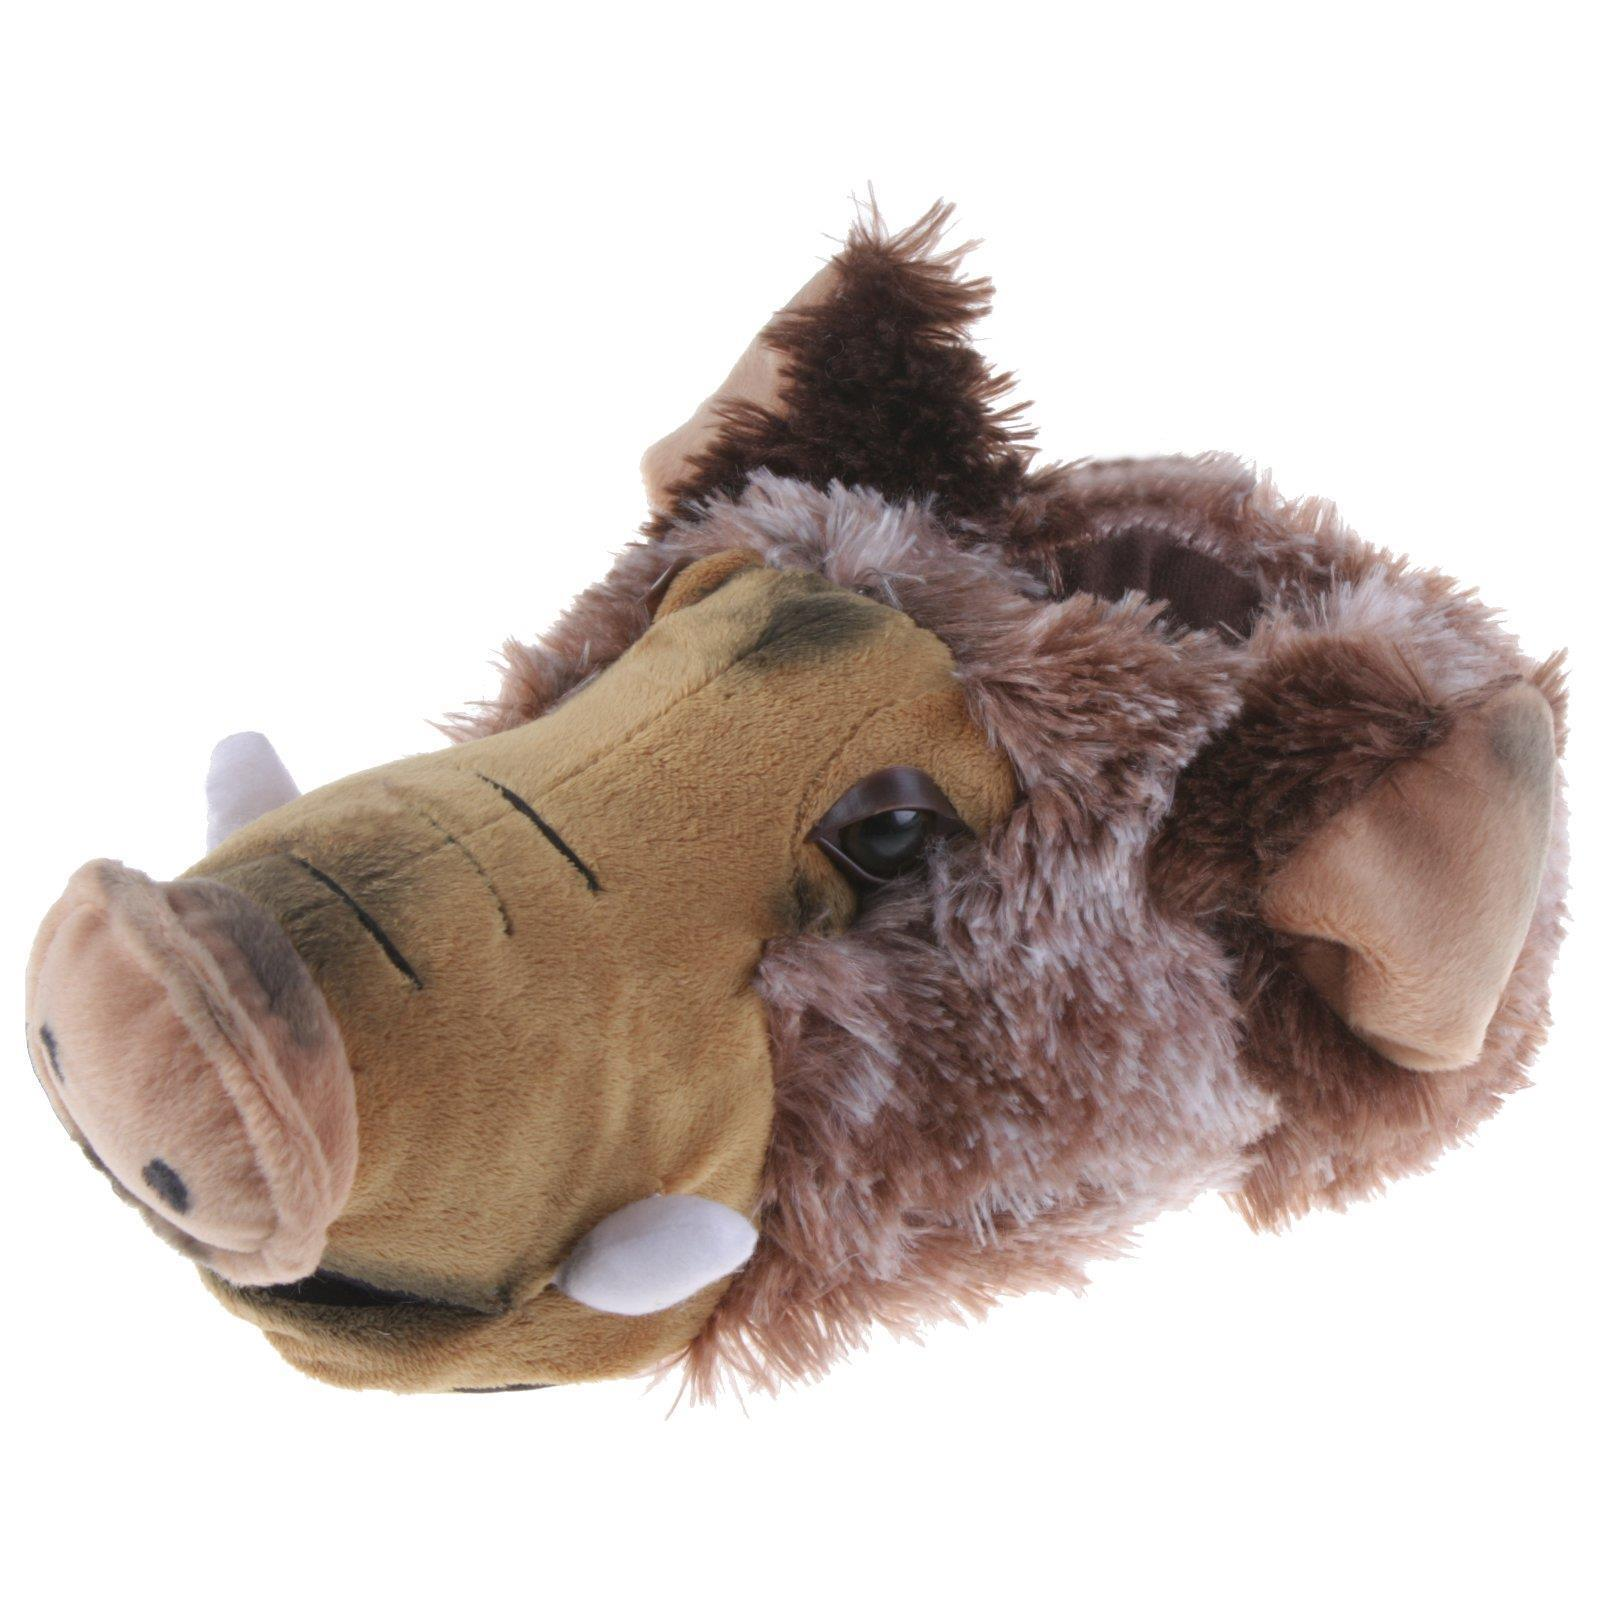 Cerdo salvaje B.E cerdo animal zapatillas de casa pantufla señores zapatillas marrón 36-47